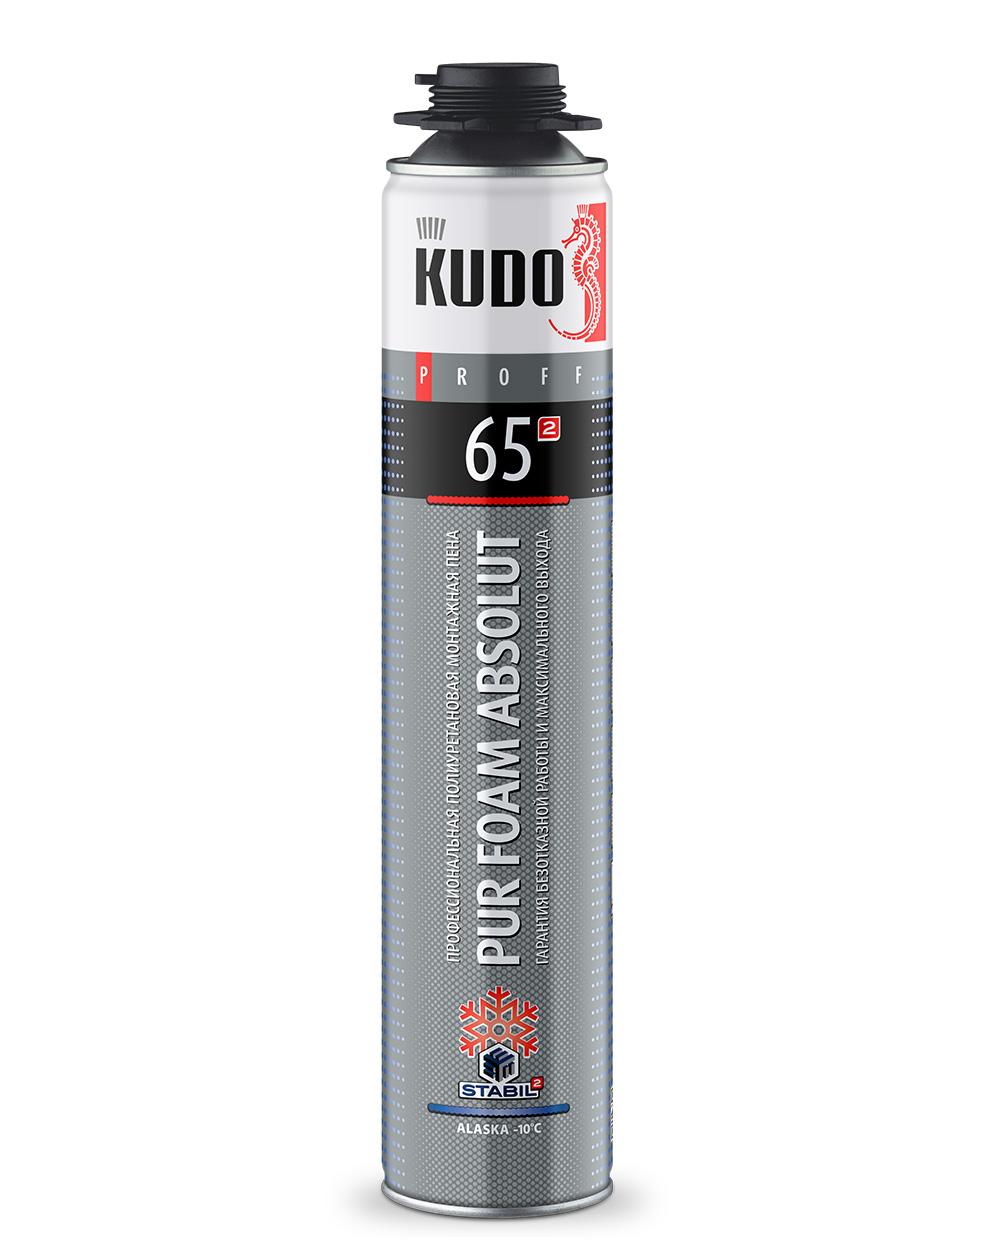 Пена монтажная профессиональная зимняя KUDO PROFF 65 ALASKA KUPP10W65